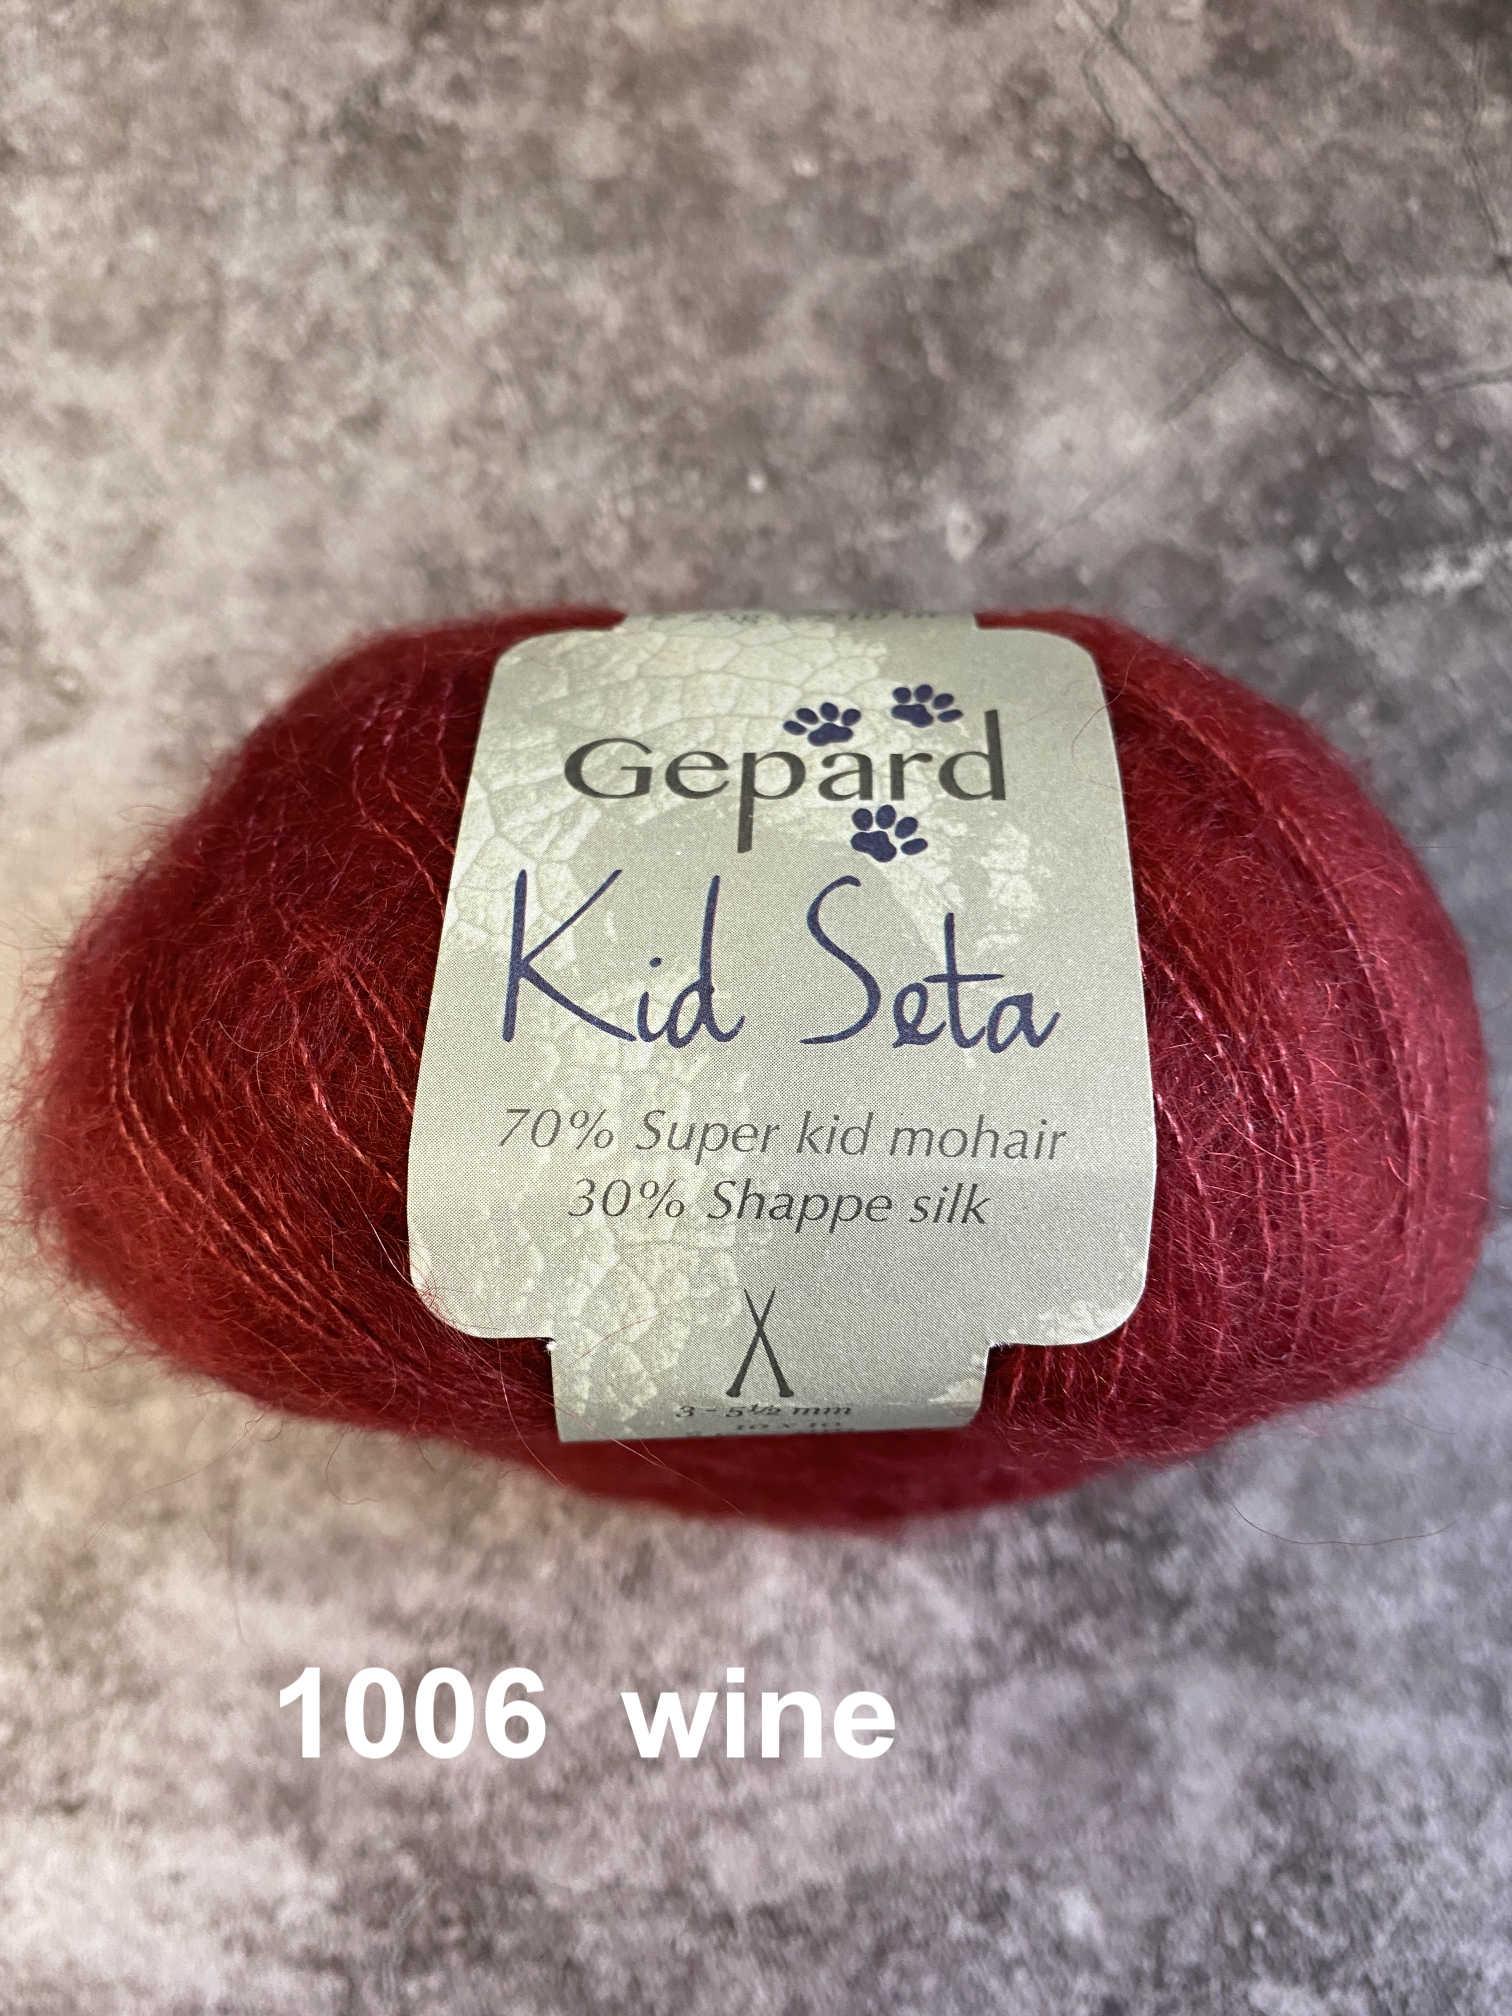 Gepard Kid Seta